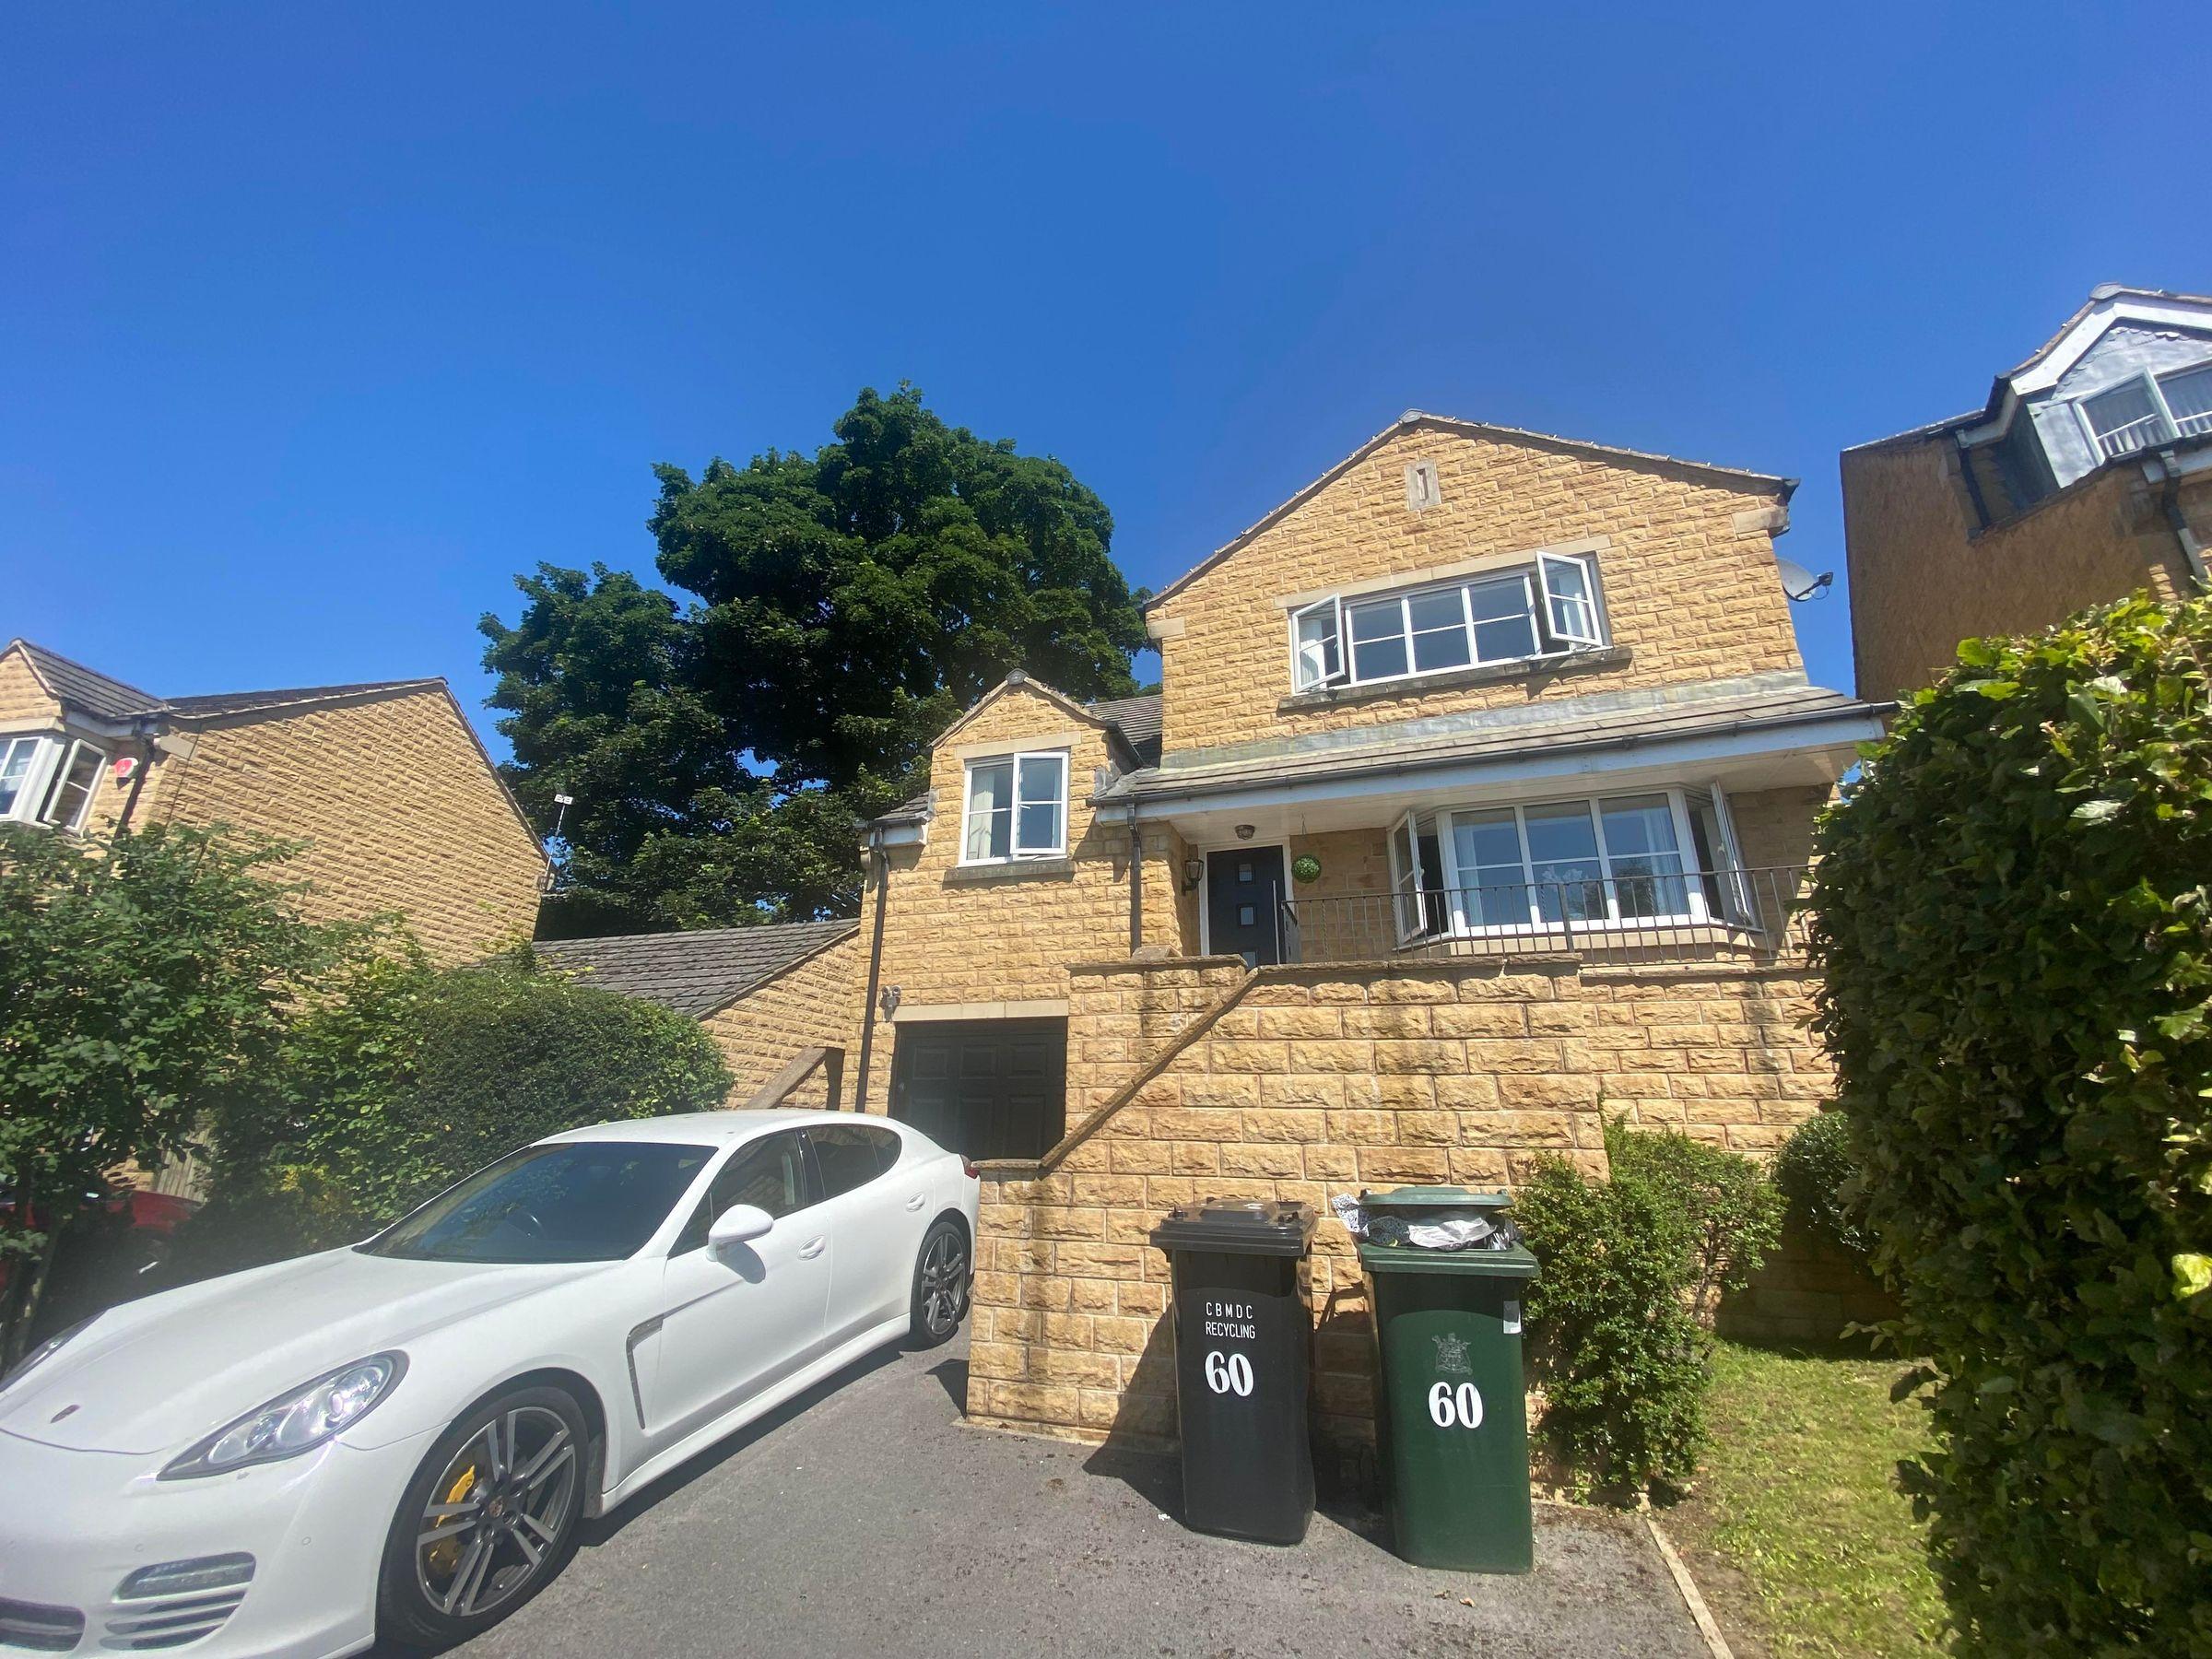 Property photo 1 of 18. Image